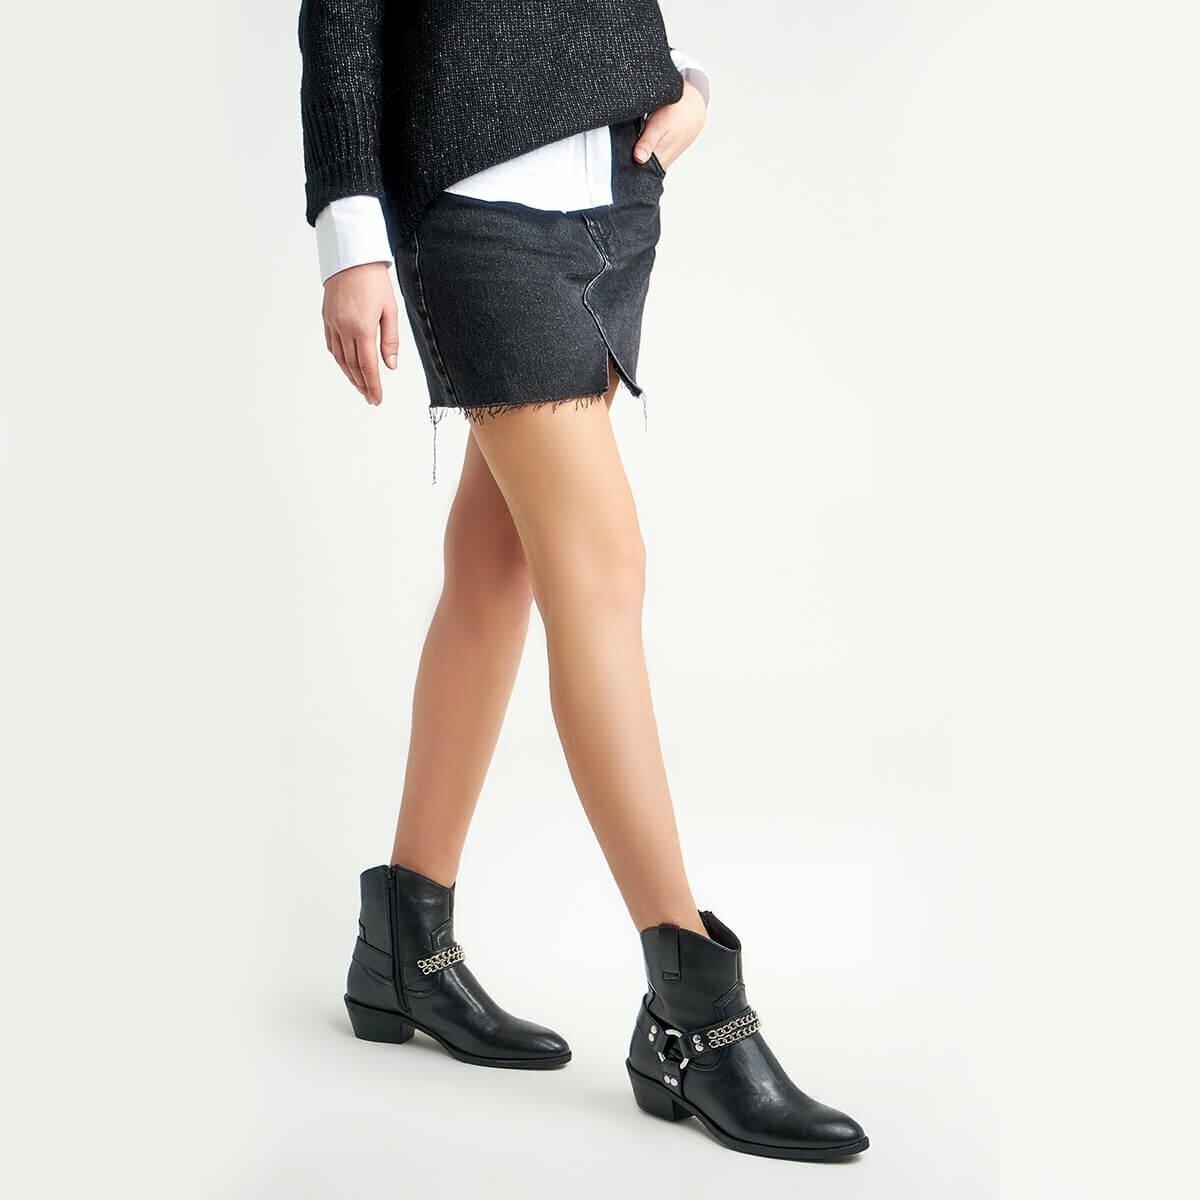 resm   Kadın Topuklu Bot